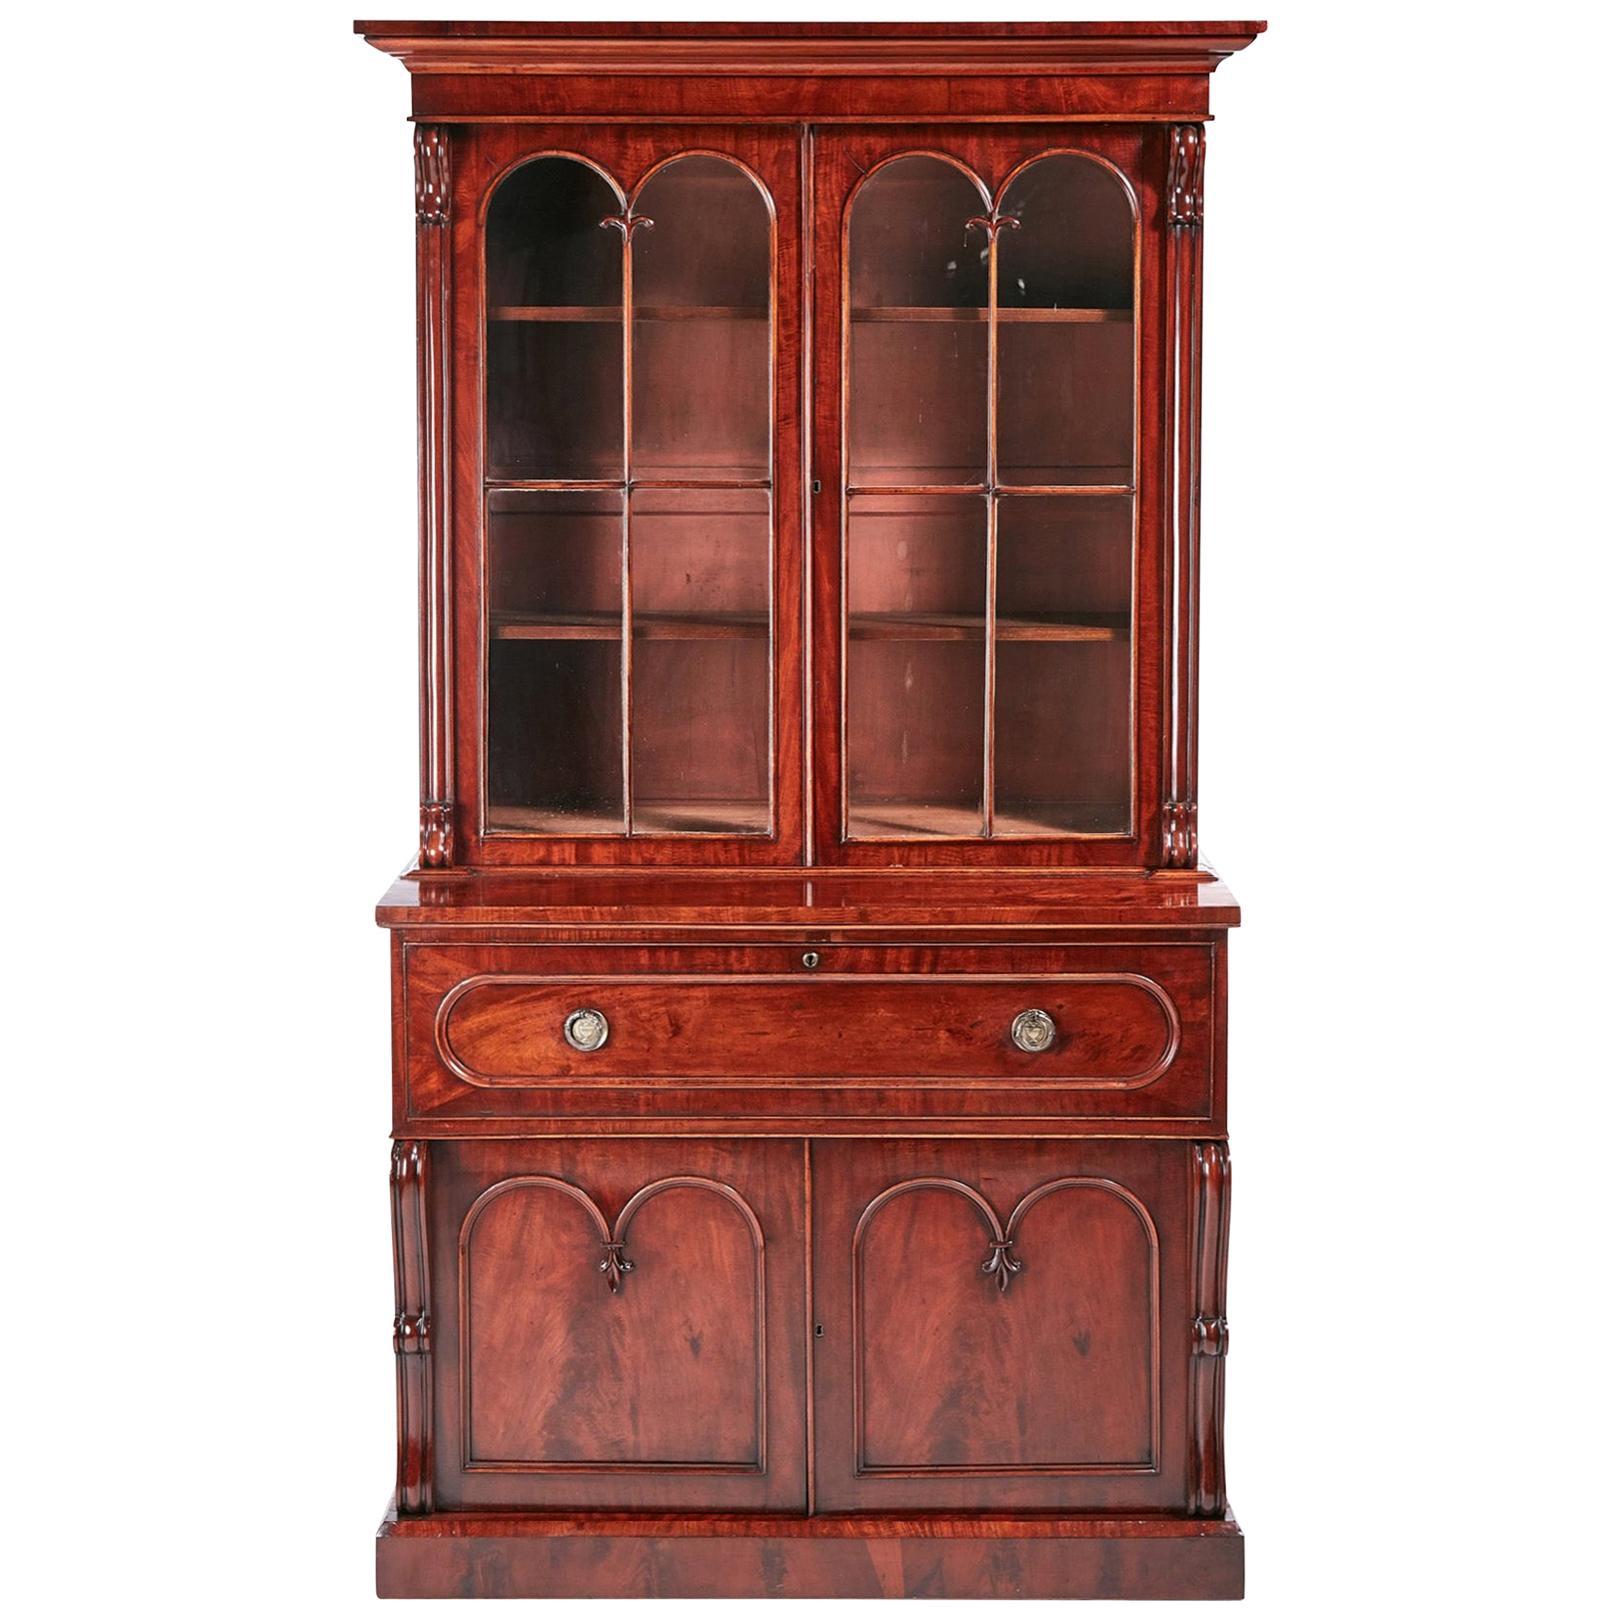 Quality Antique William IV Mahogany Secretaire Bookcase